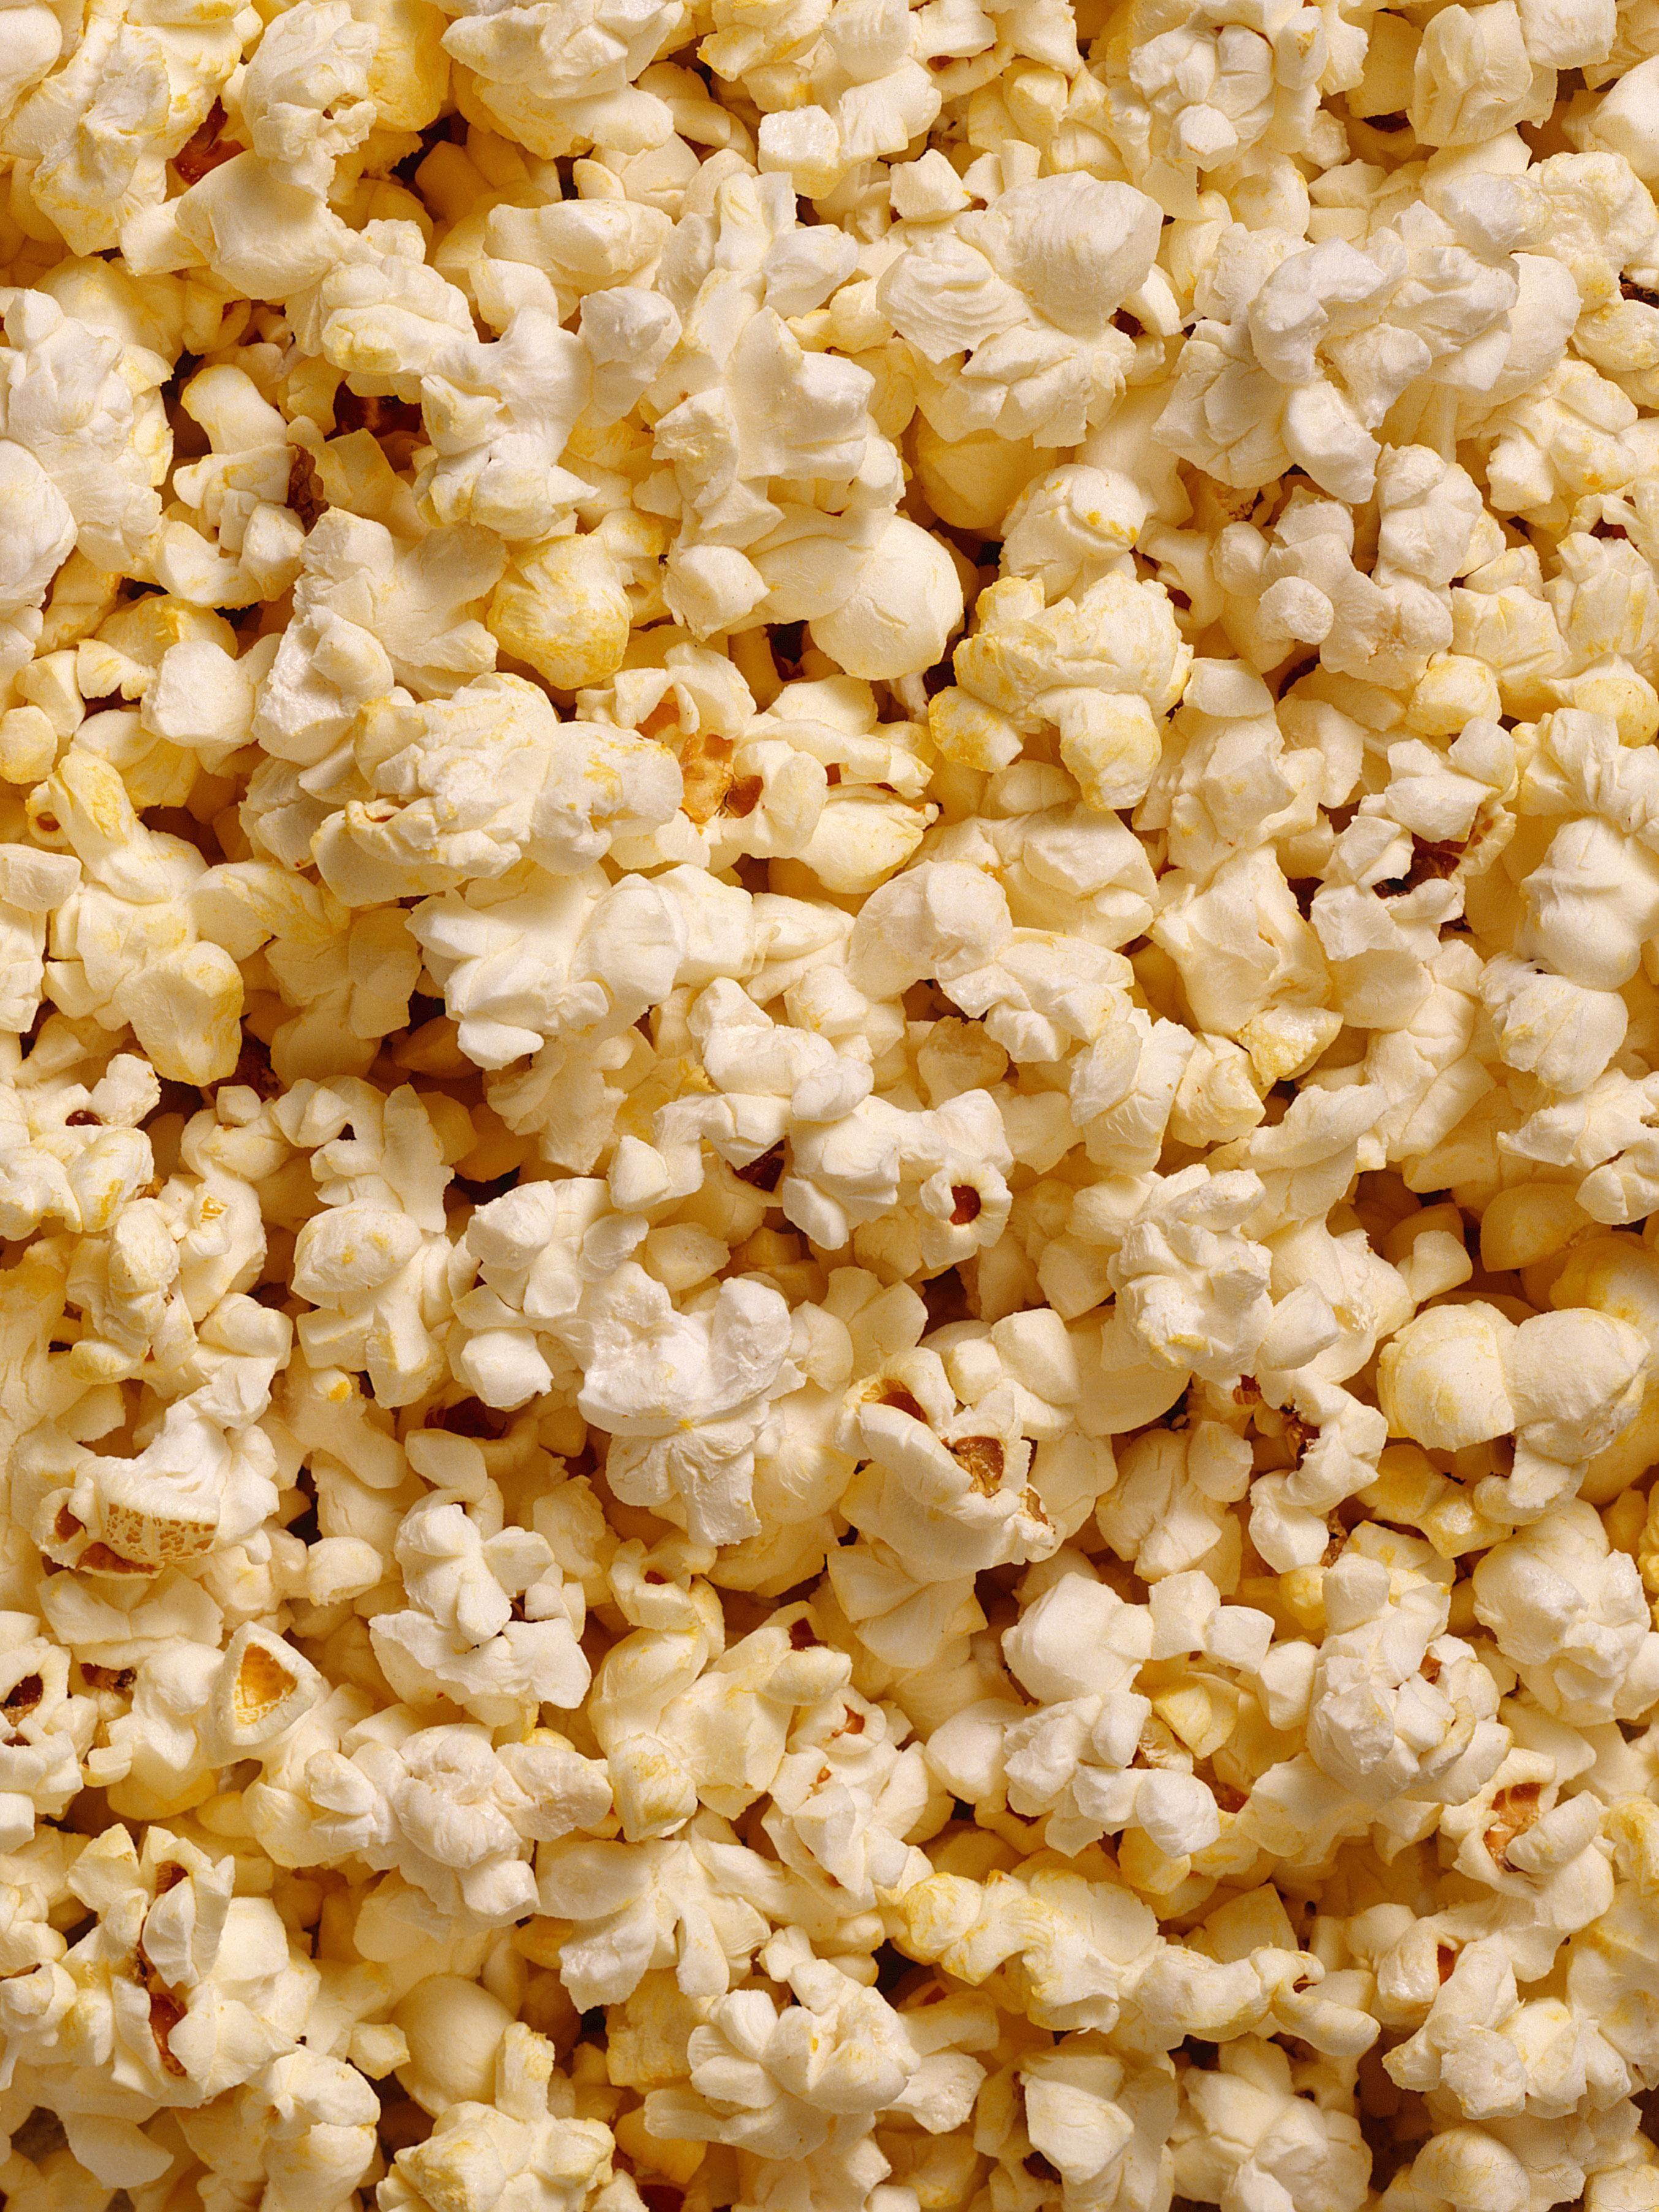 Popcorn Wallpaper Widescreen Festival Wallpaper In 2019